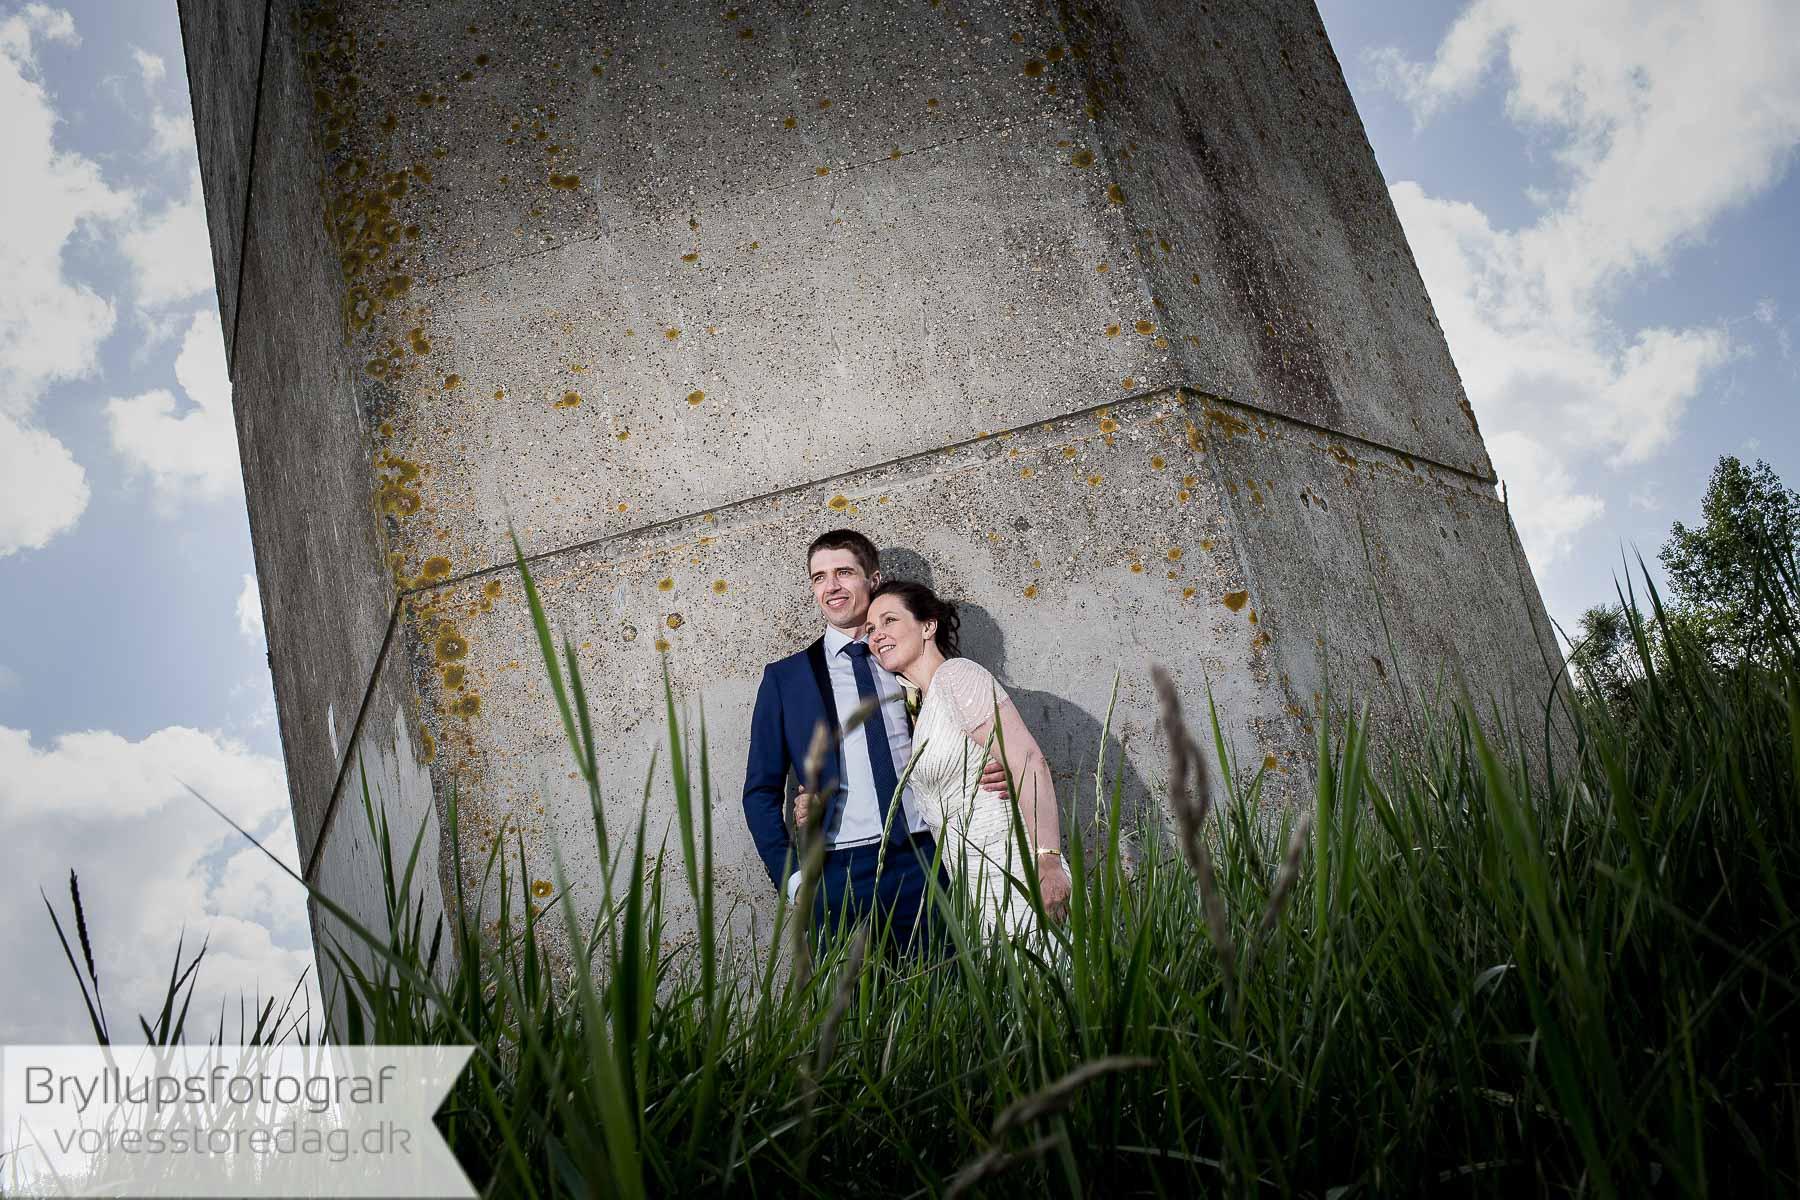 Moderne og professionel bryllupsfotografering kolding